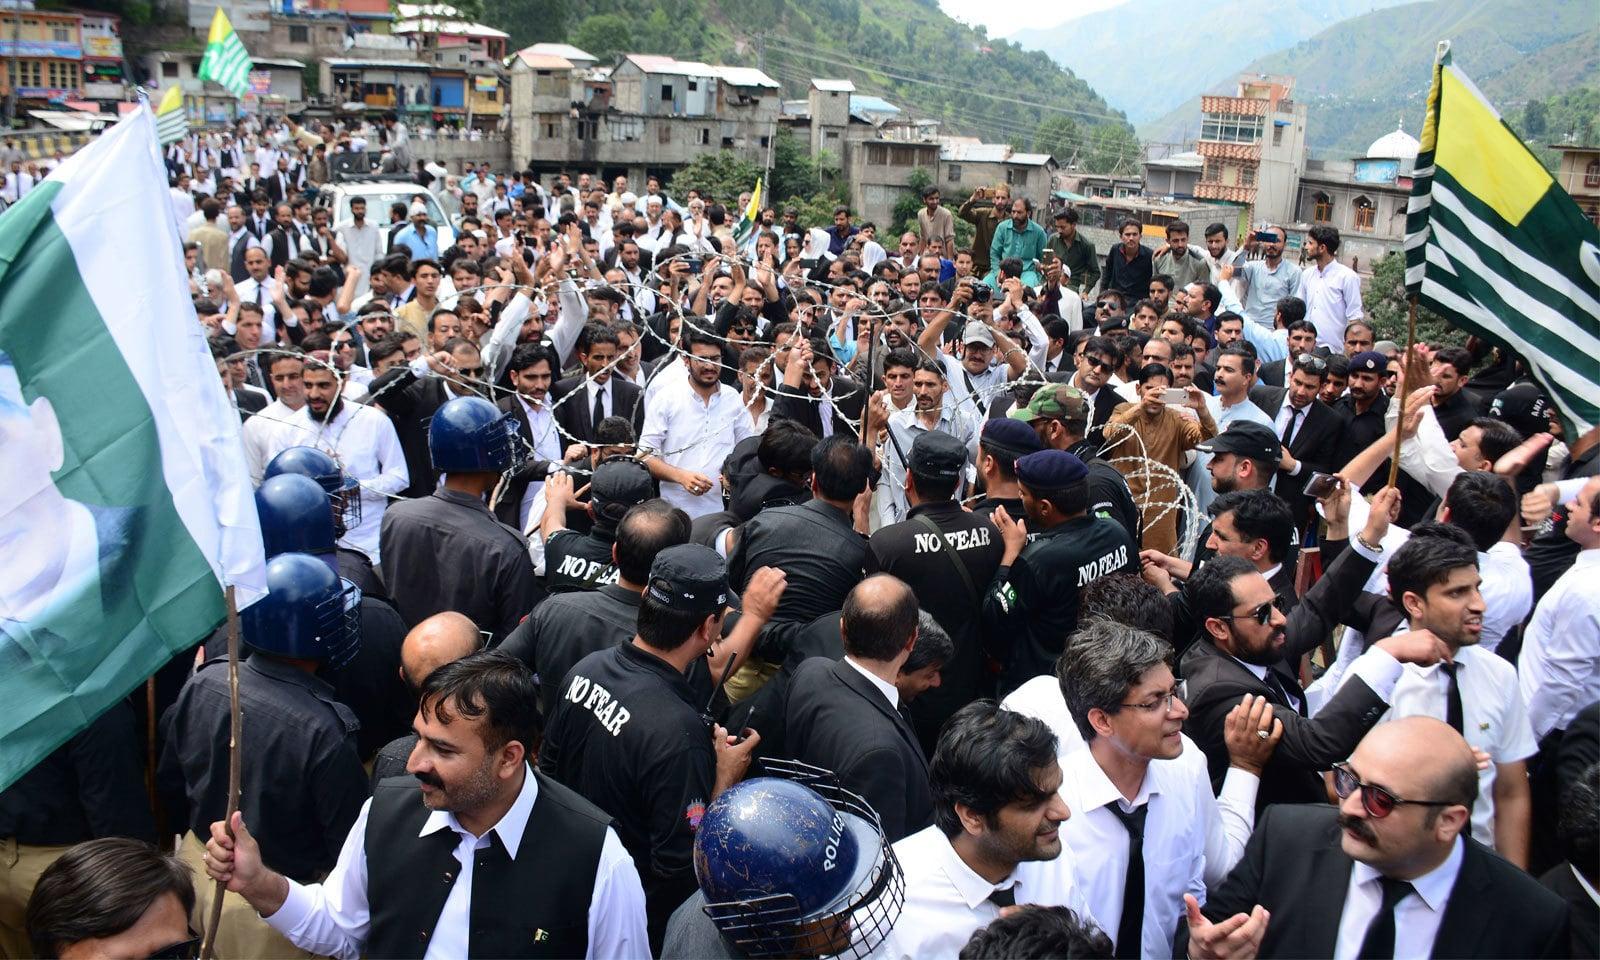 آزاد کشمیر میں کشمیریوں سے یکجہتی کے اظہار کے لیے ریلیاں نکالی گئیں — فوٹو: اے پی